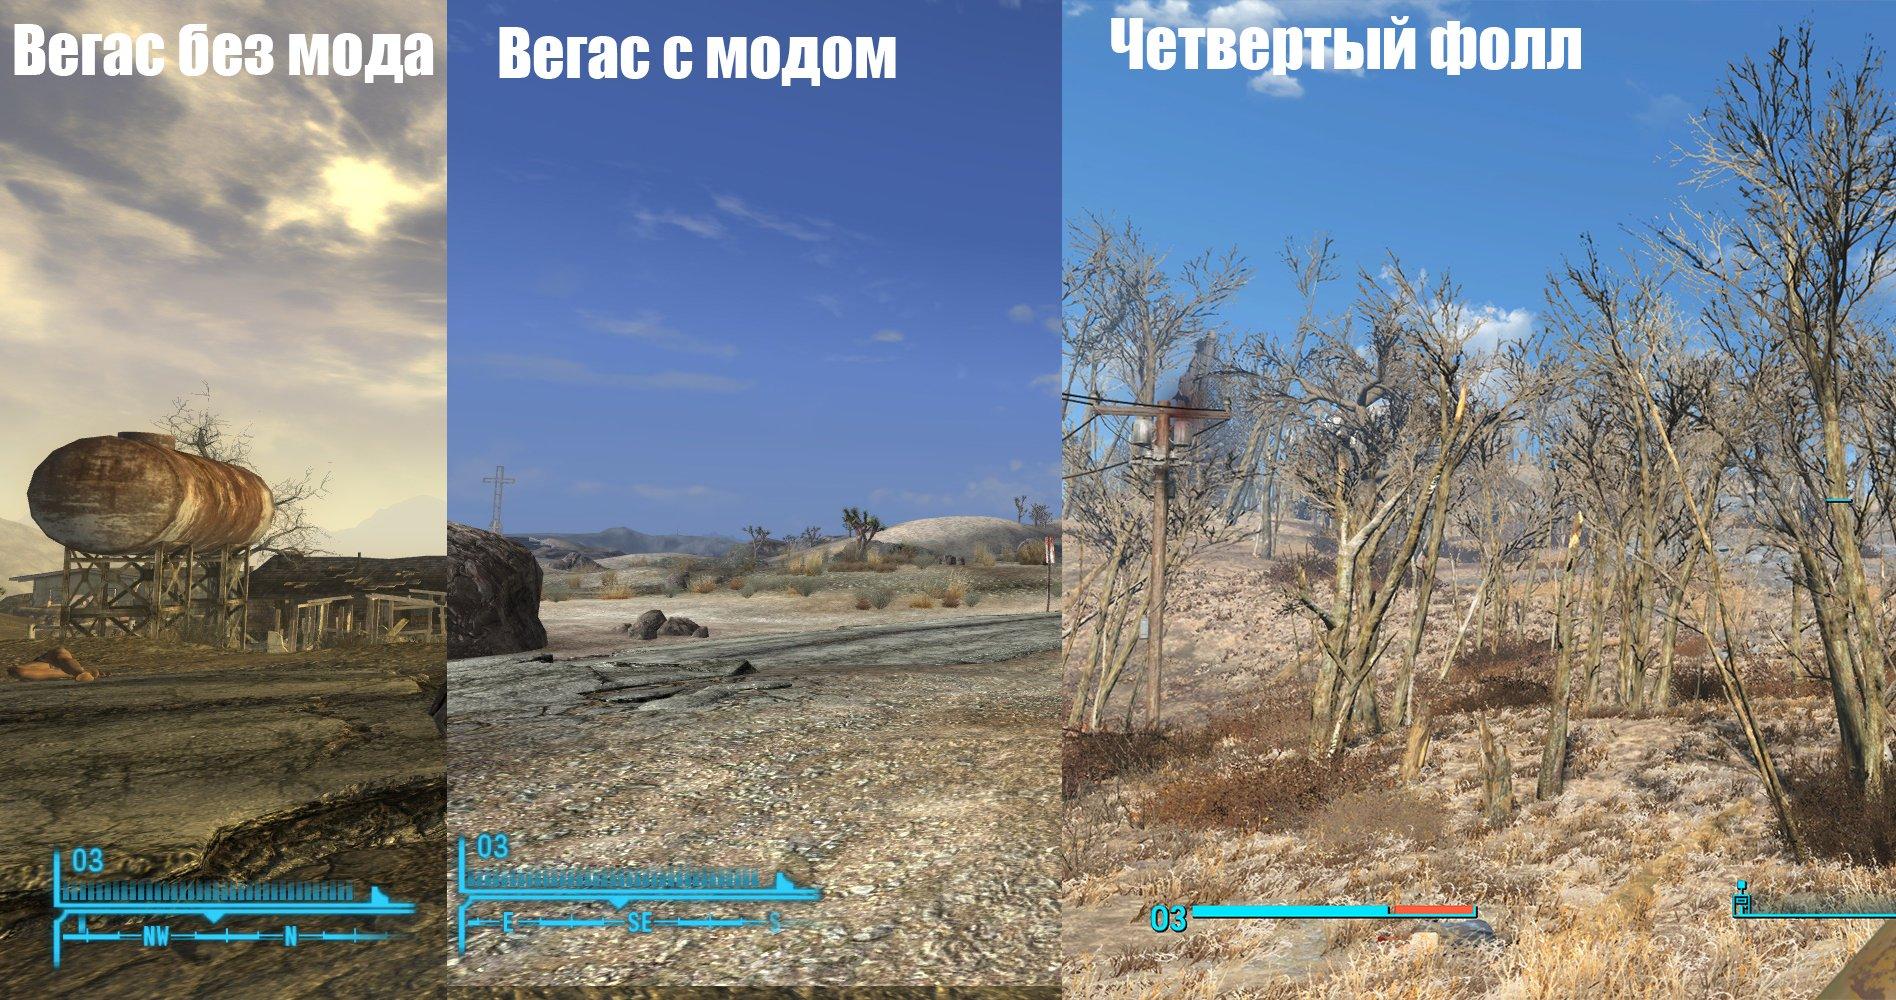 Сравнительный анализ (на самом деле нет) Fallout New Vegas vs. Fallout 4 (часть 1) - Изображение 2